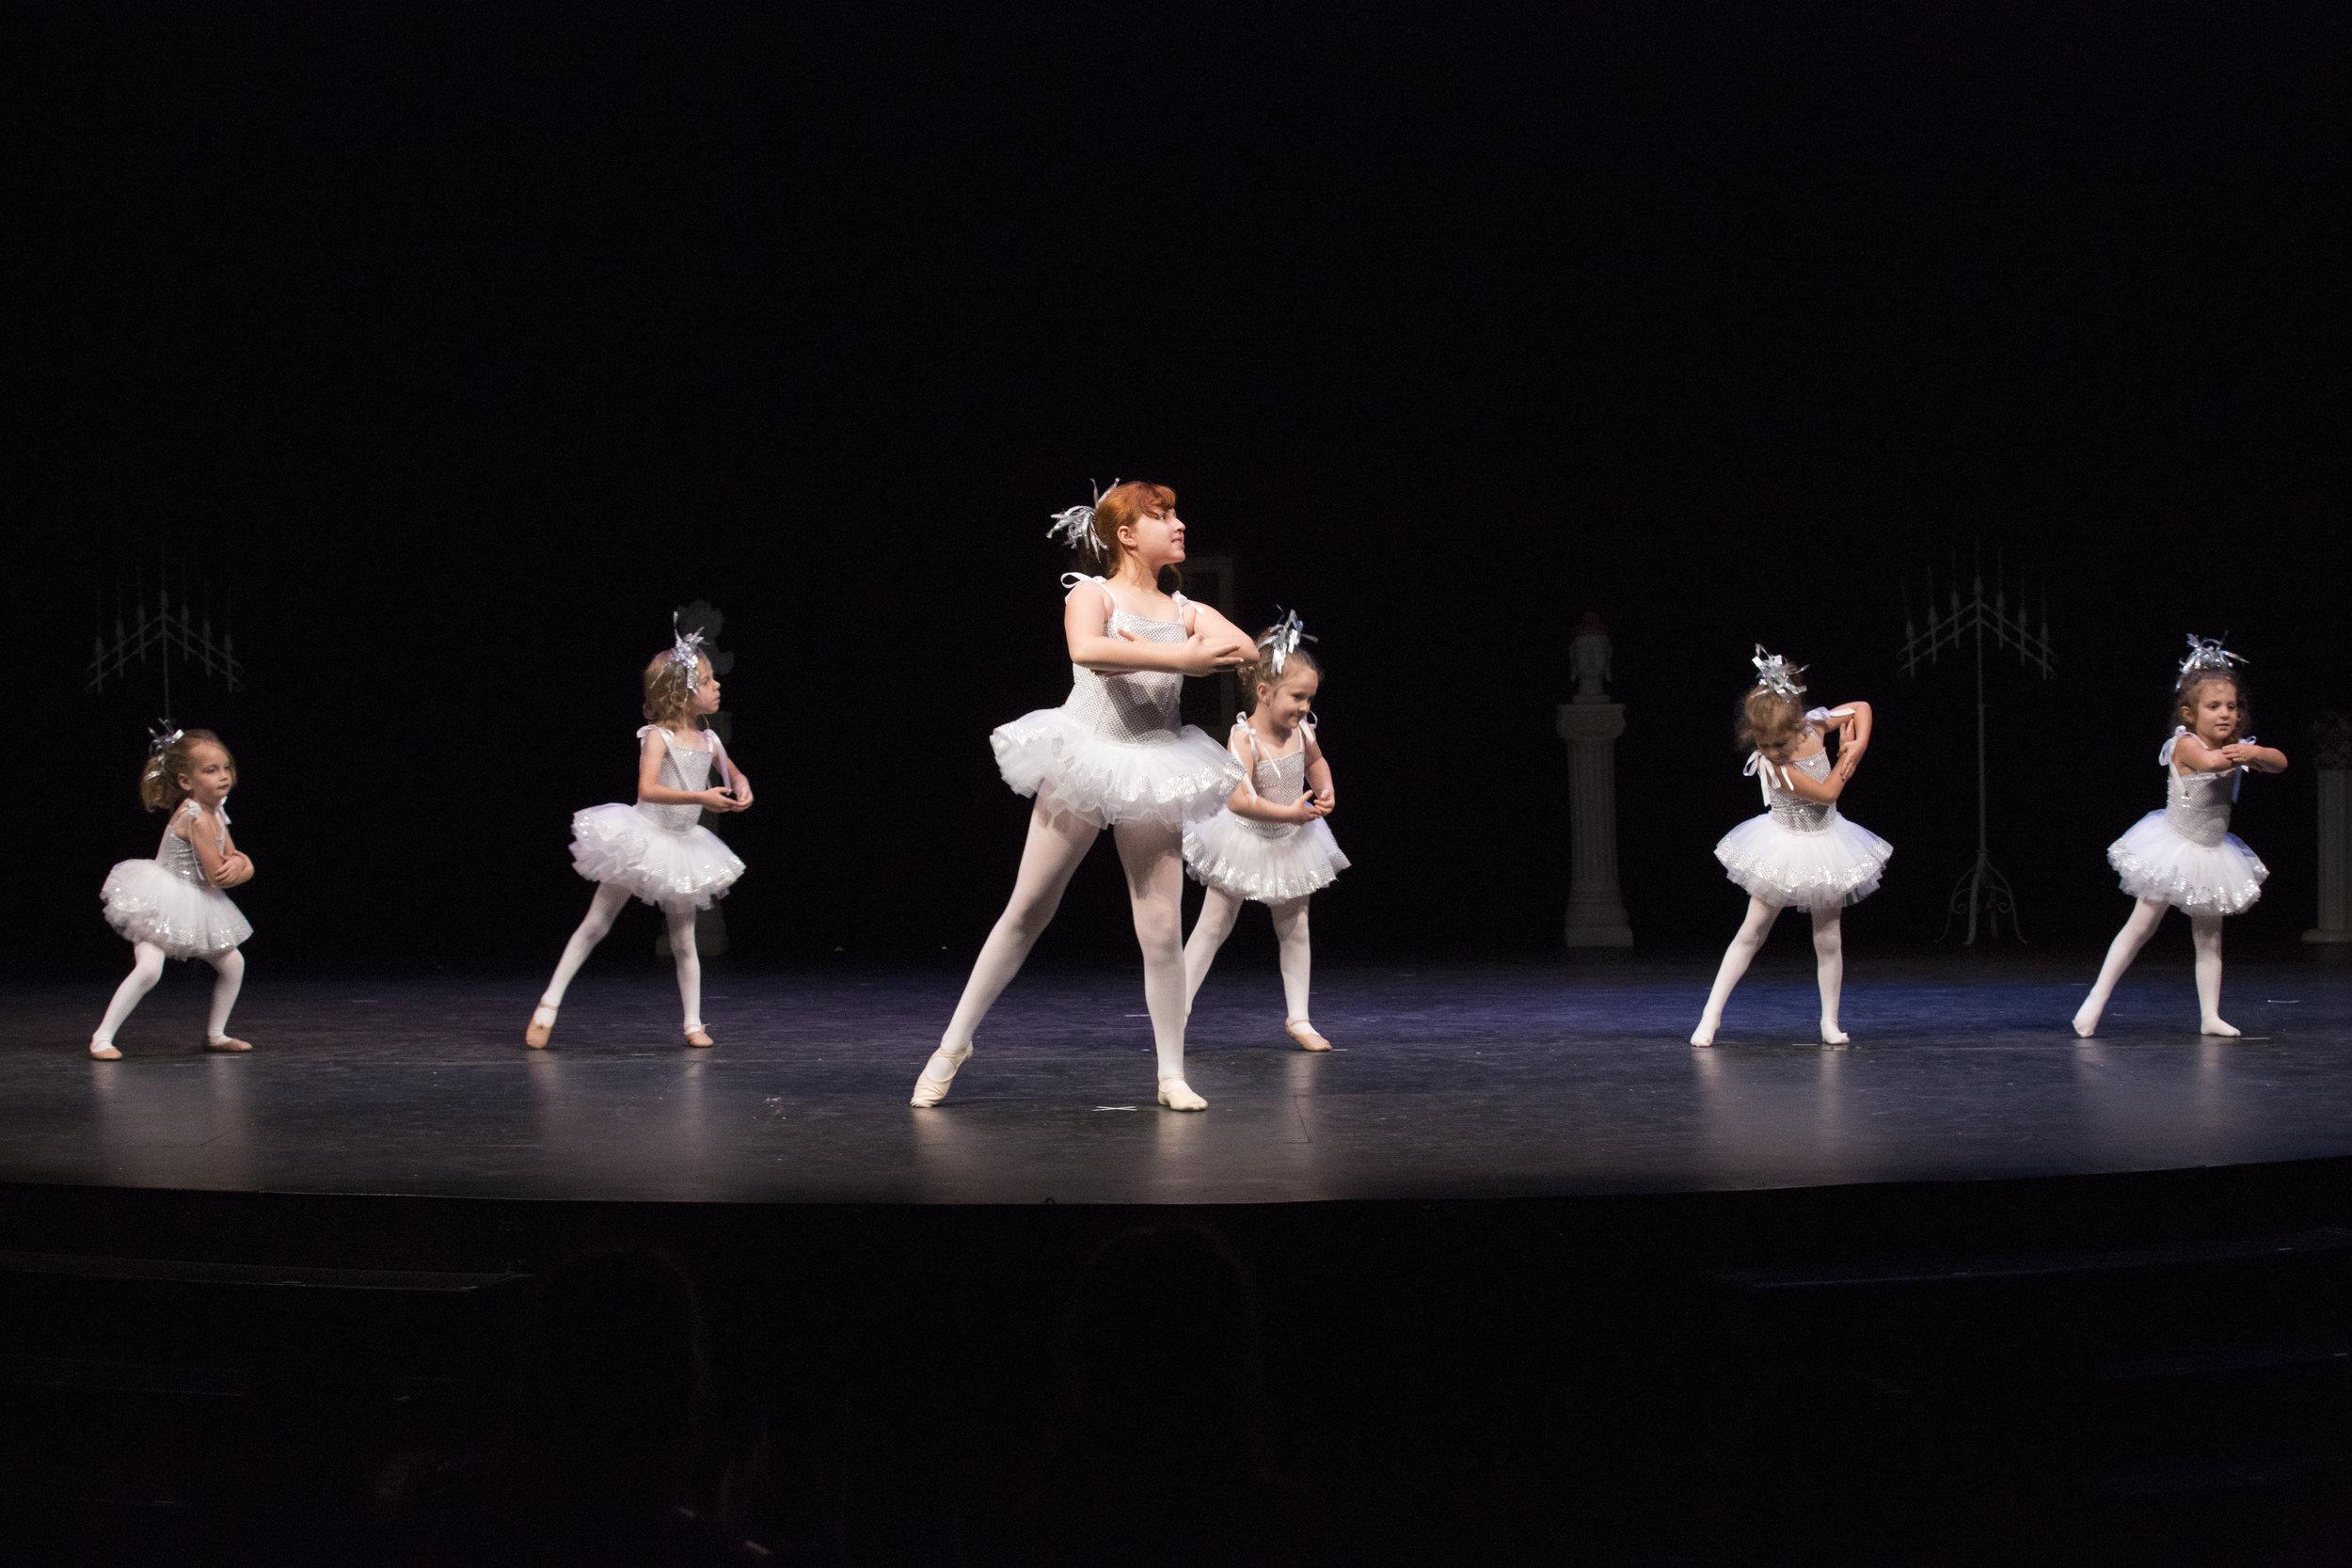 DXPS_Recital2015-57.jpg